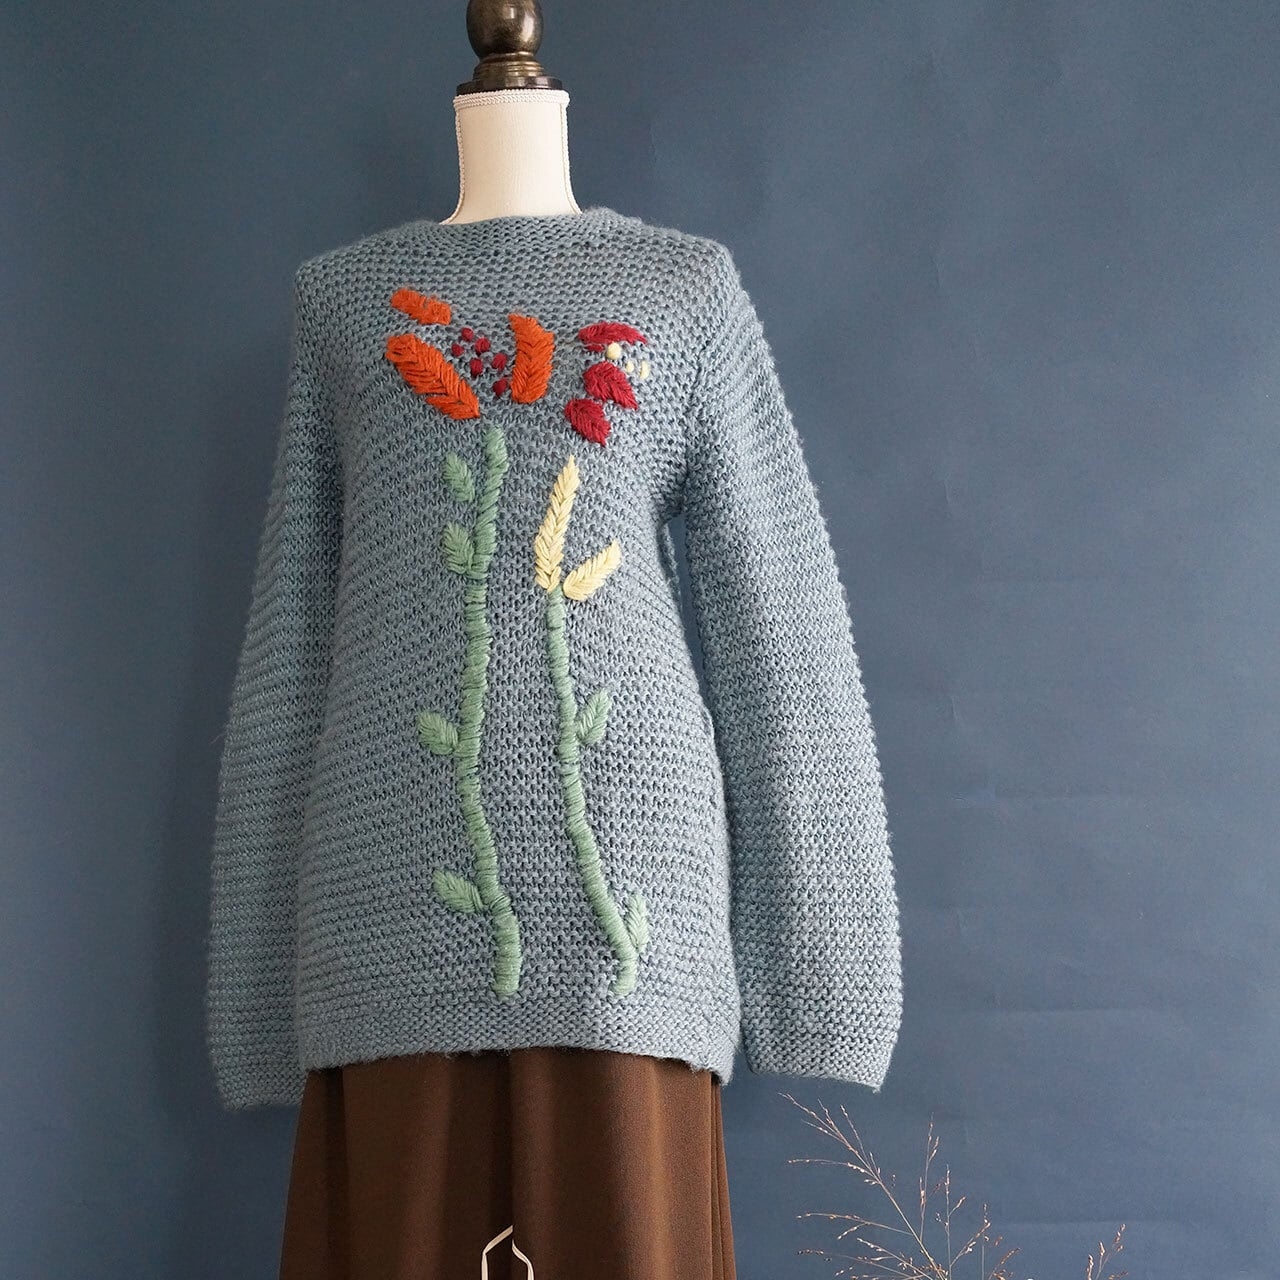 【送料無料】Blue Vintage Hand Knitted Pullover With Flower Embroidery